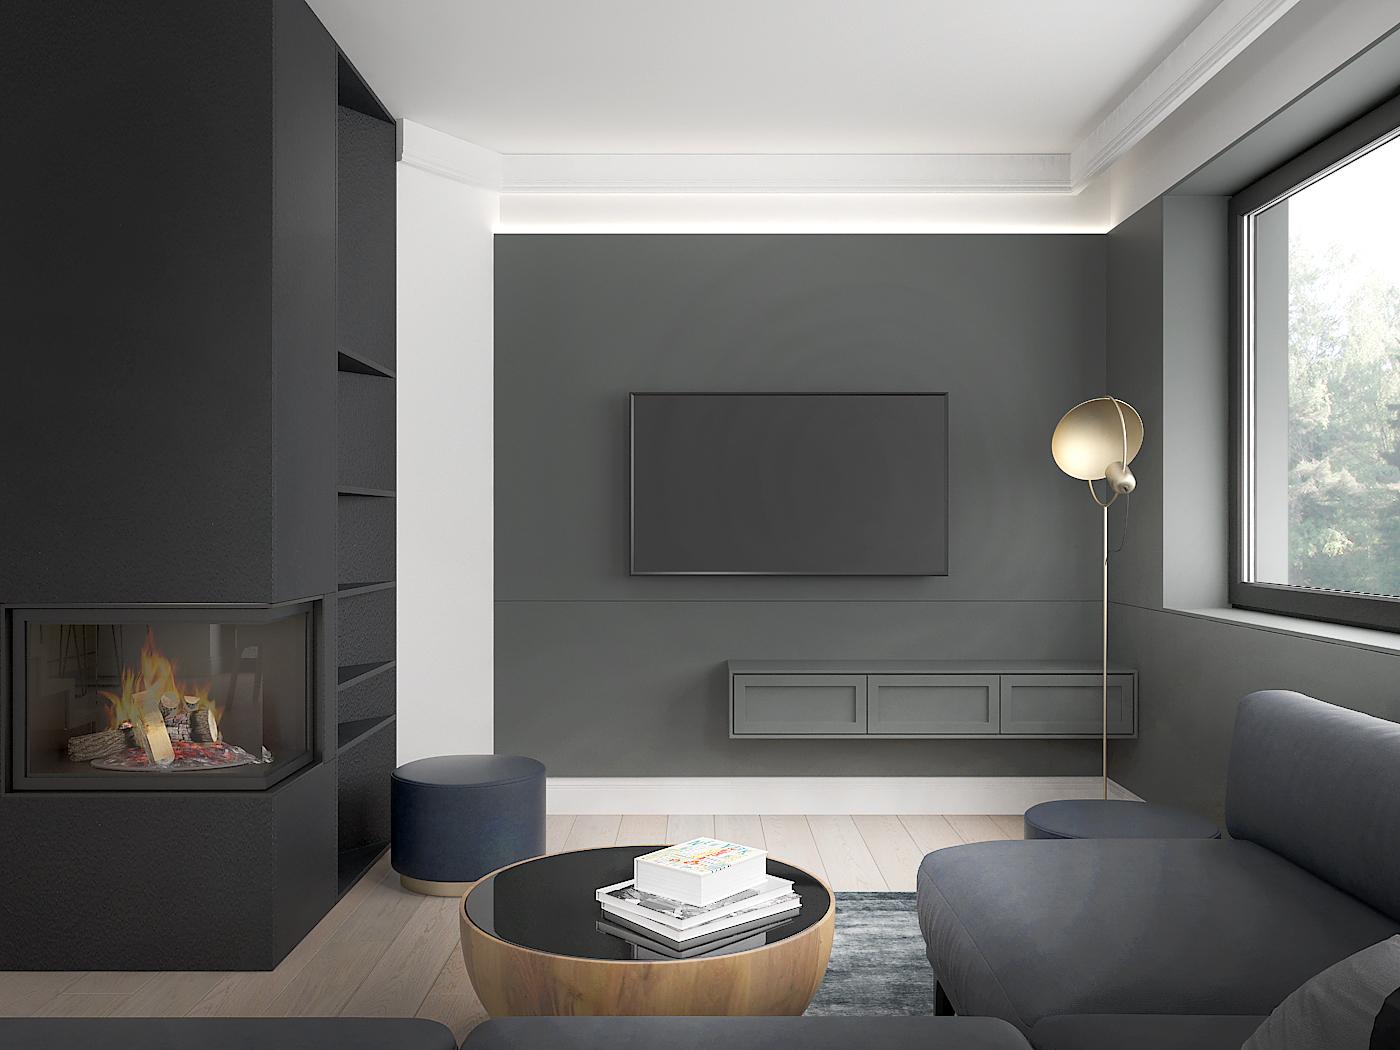 4 architek wnetrz D538 dom nowy sacz salon narozny kominek sciana telewizyjna sztukateria